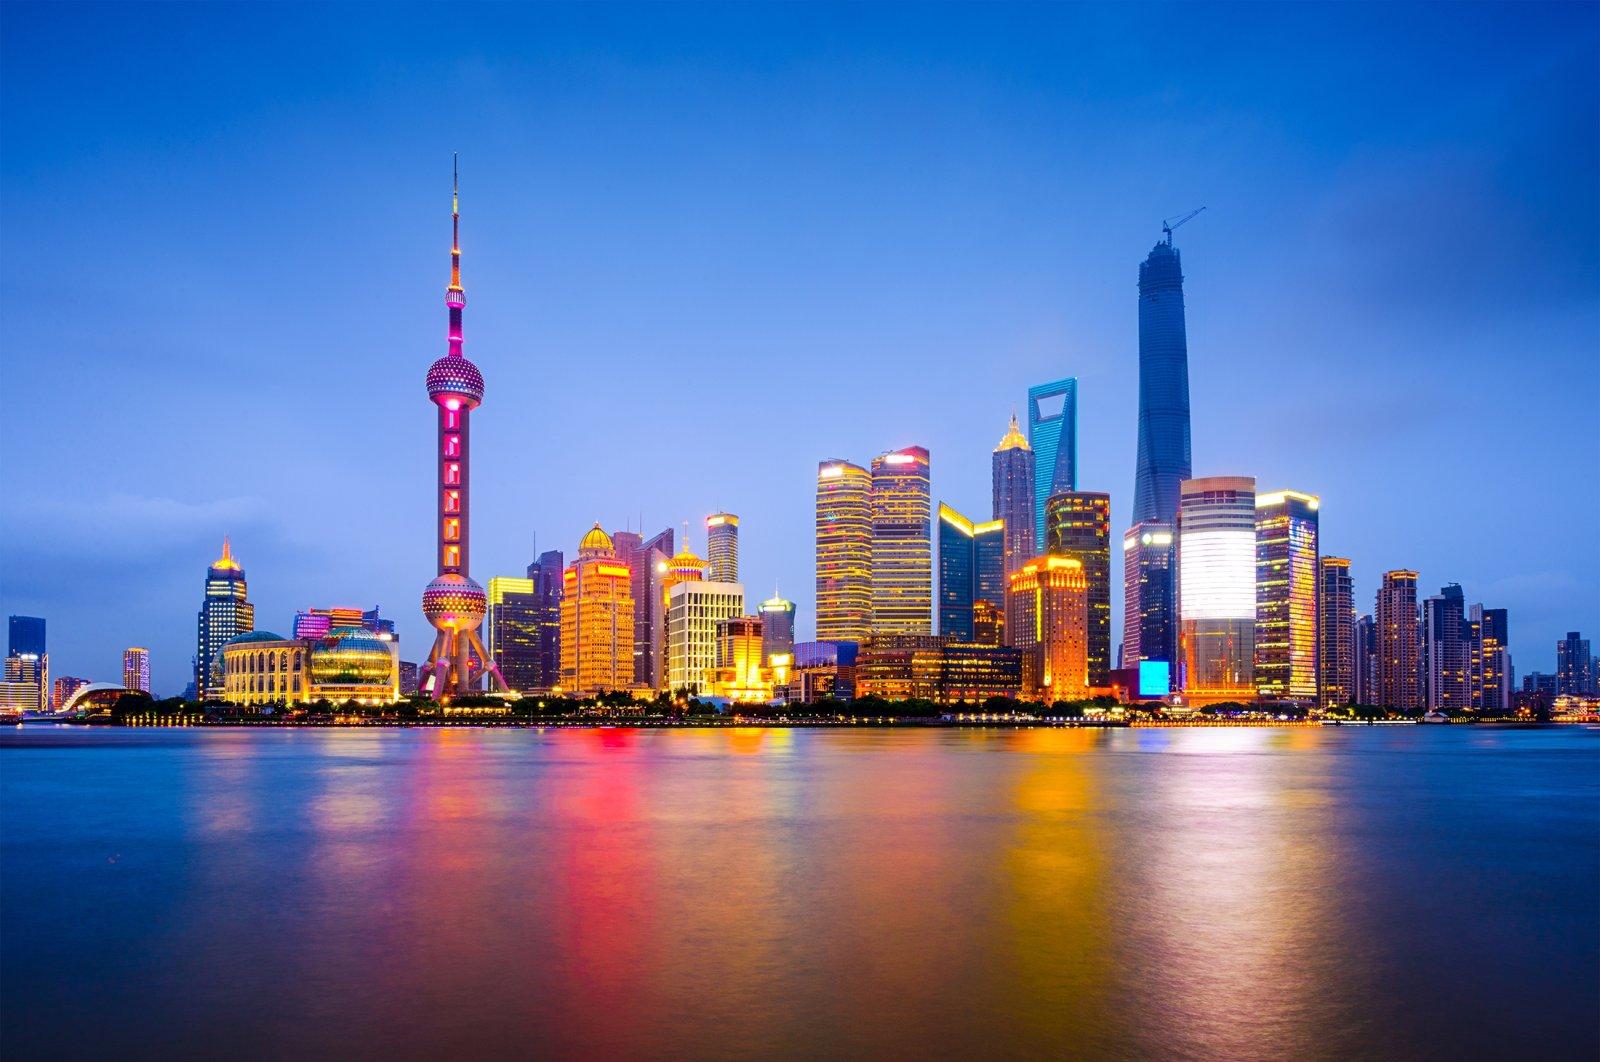 Huangpu River and skyline in Shanghai, China. (Shutterstock Photo)